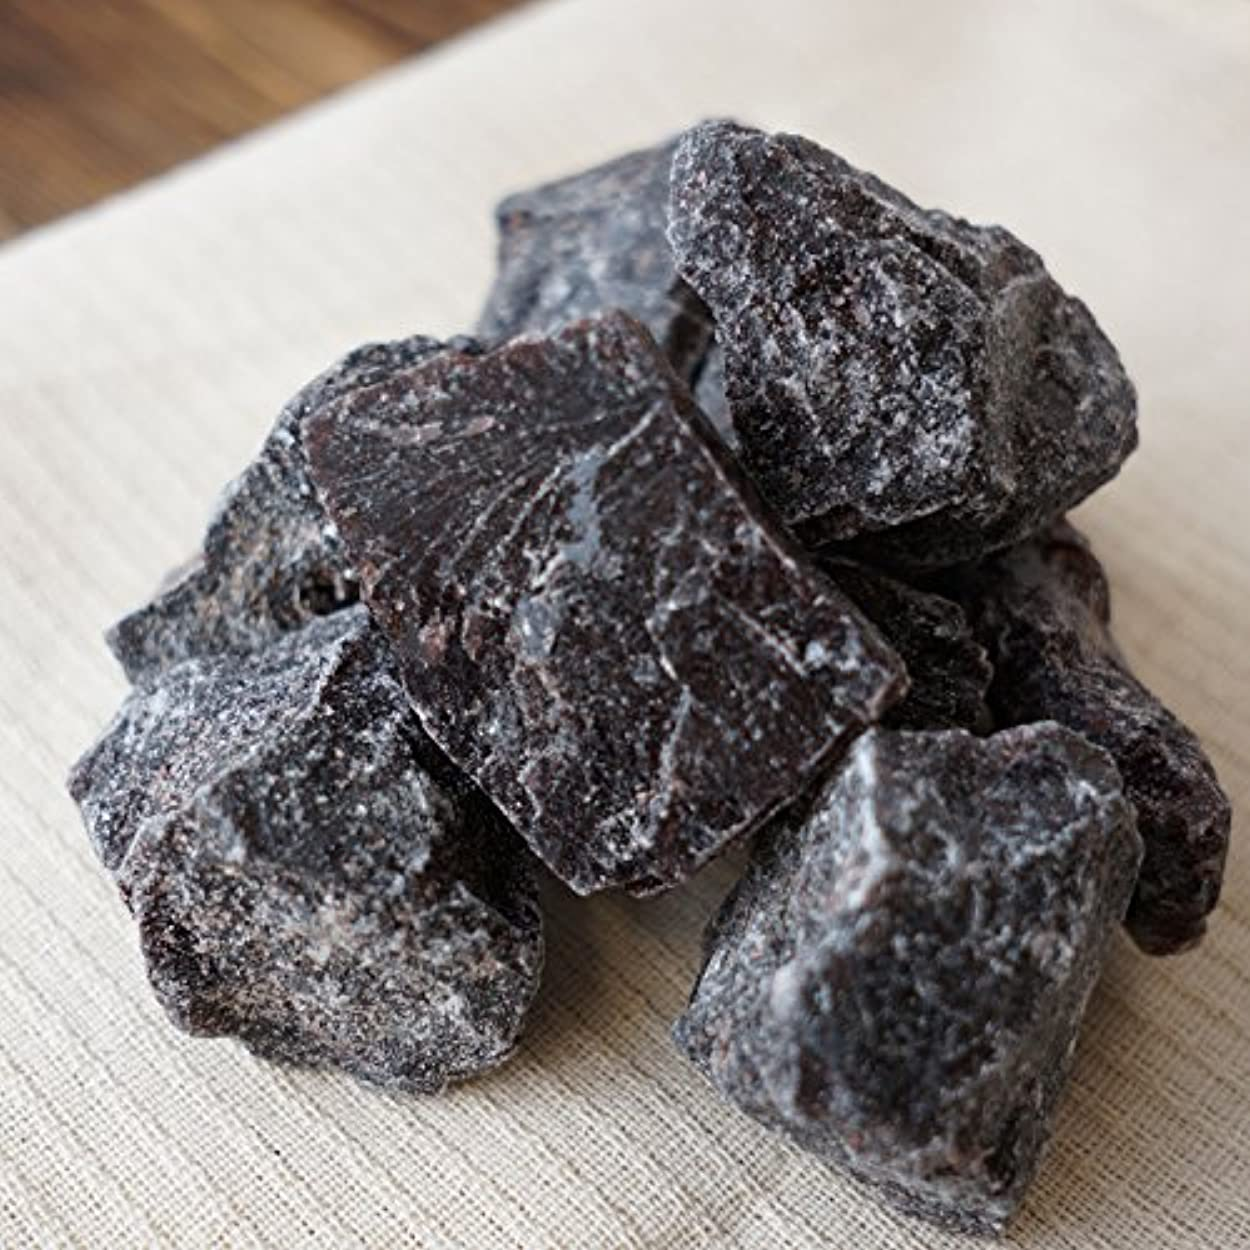 希少 インド岩塩 ルビー ブロック 約2-5cm 20kg 20,000g 原料